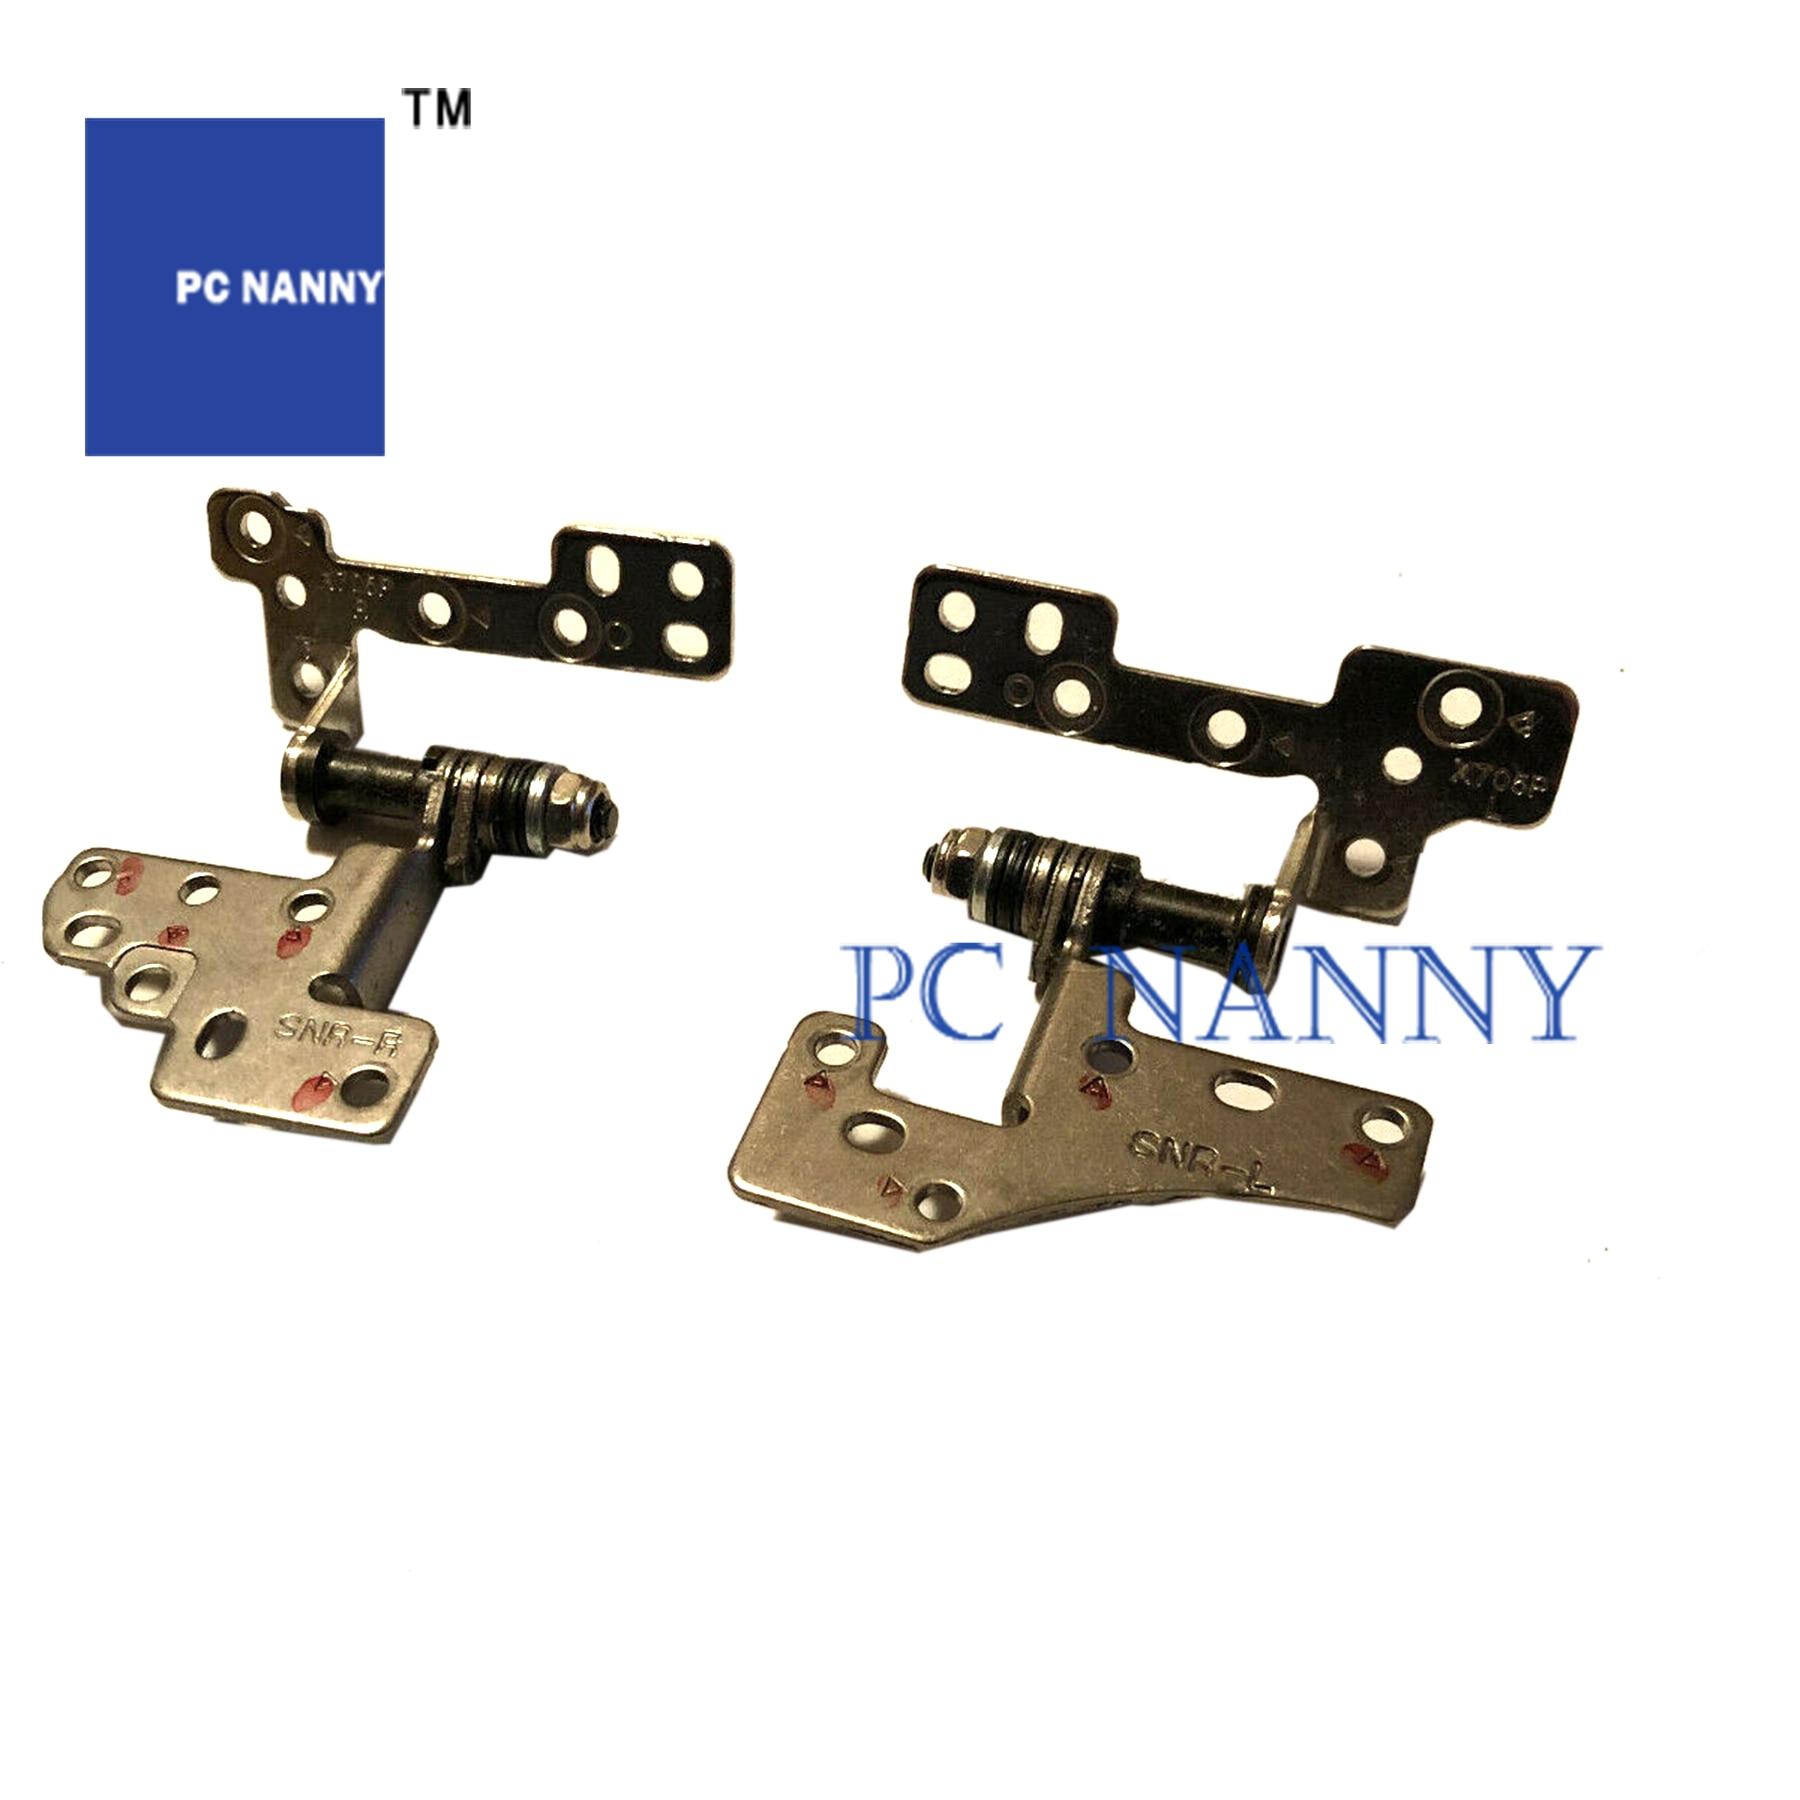 Bisagras de pantalla PCNANNY para ASUS Vivobook 17 X705M X705 prueba izquierda y derecha buena